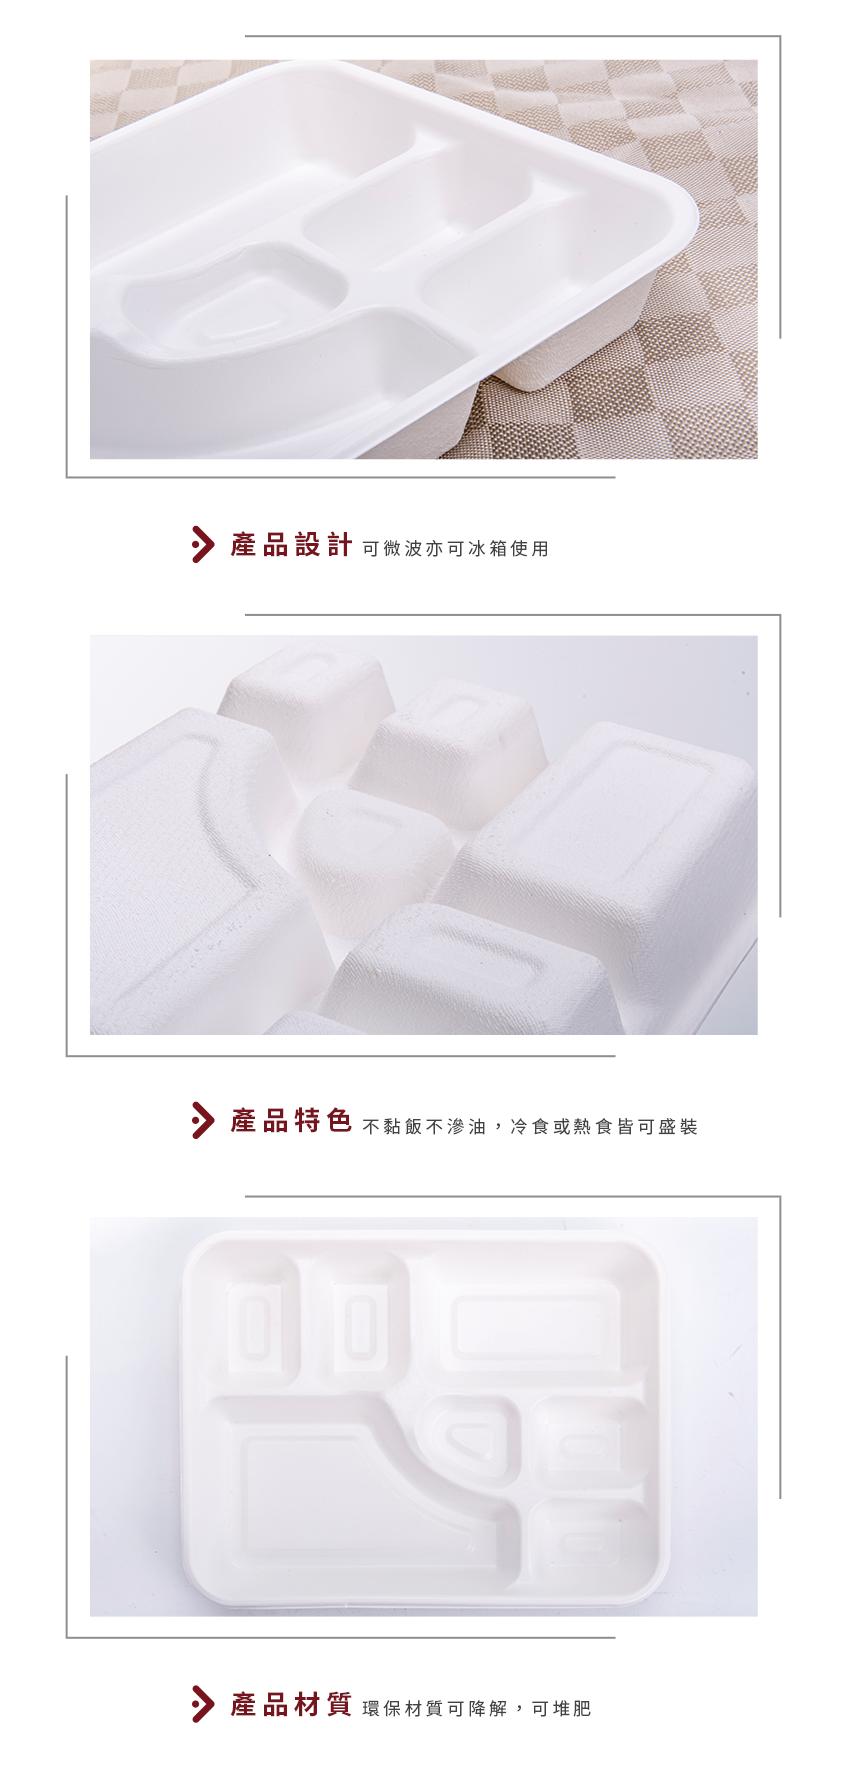 免洗盤 紙盤 餐盤 免洗餐具 免洗餐盤 自助餐盤 紙餐盤 防疫 環保 一次性 七格